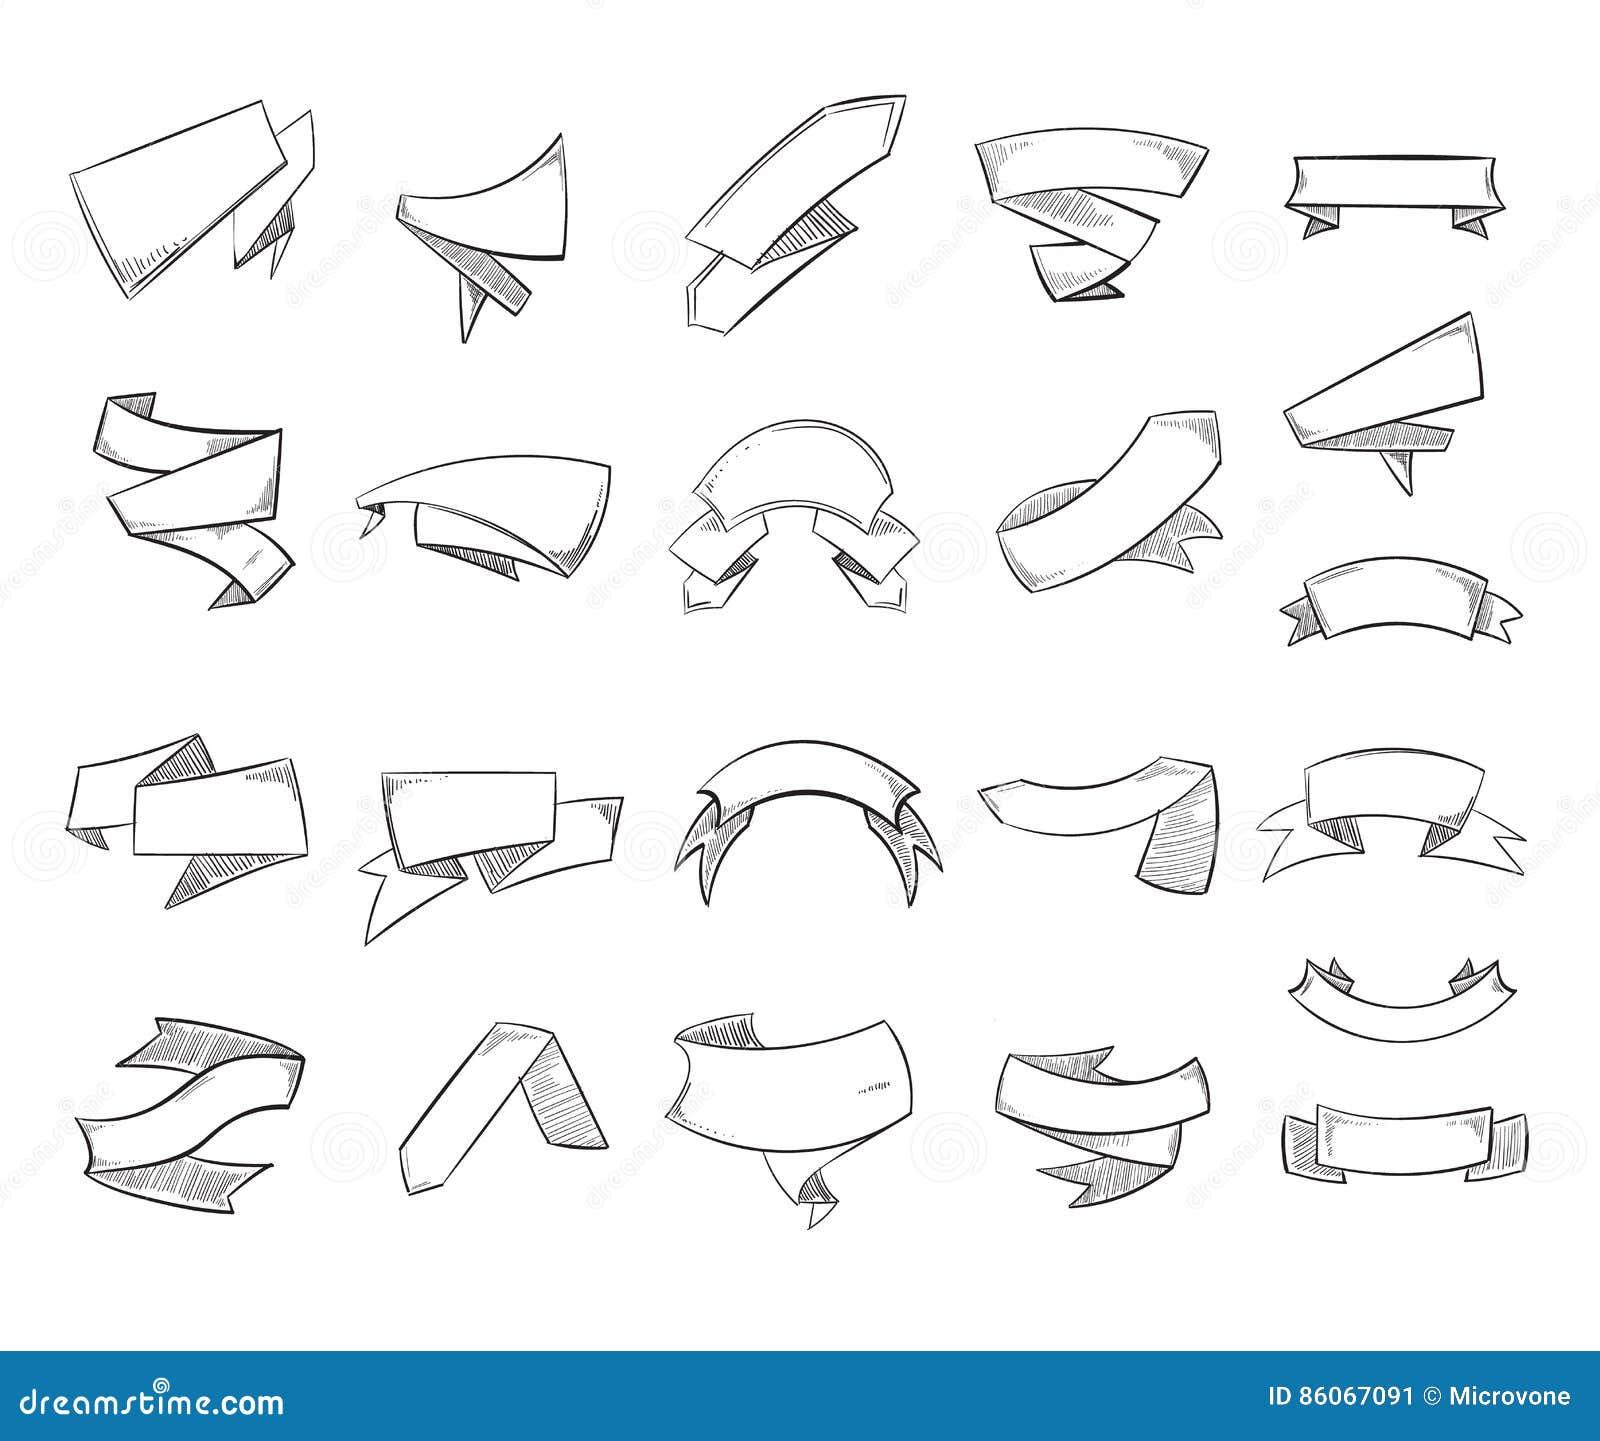 Wunderbar Zeichnen Sie Schematisch Fotos - Elektrische Schaltplan ...